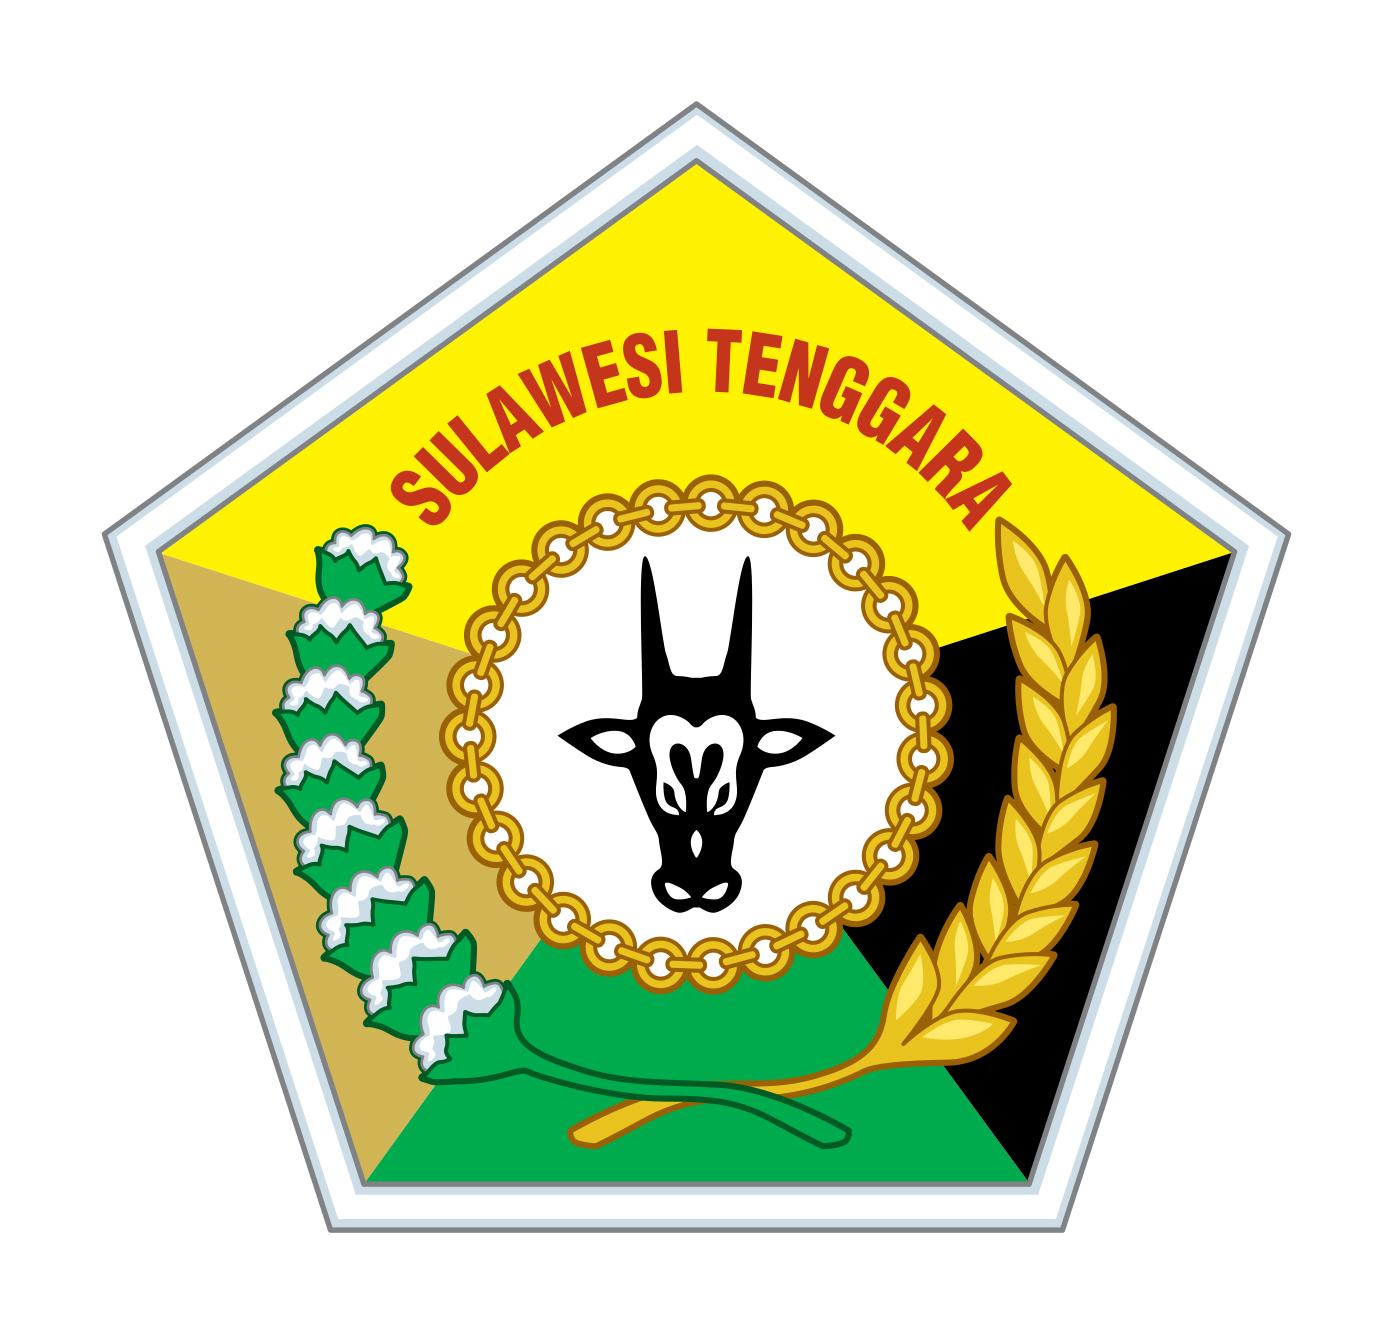 Logo Sulawesi Tenggara (Provinsi Sulawesi Tenggara)